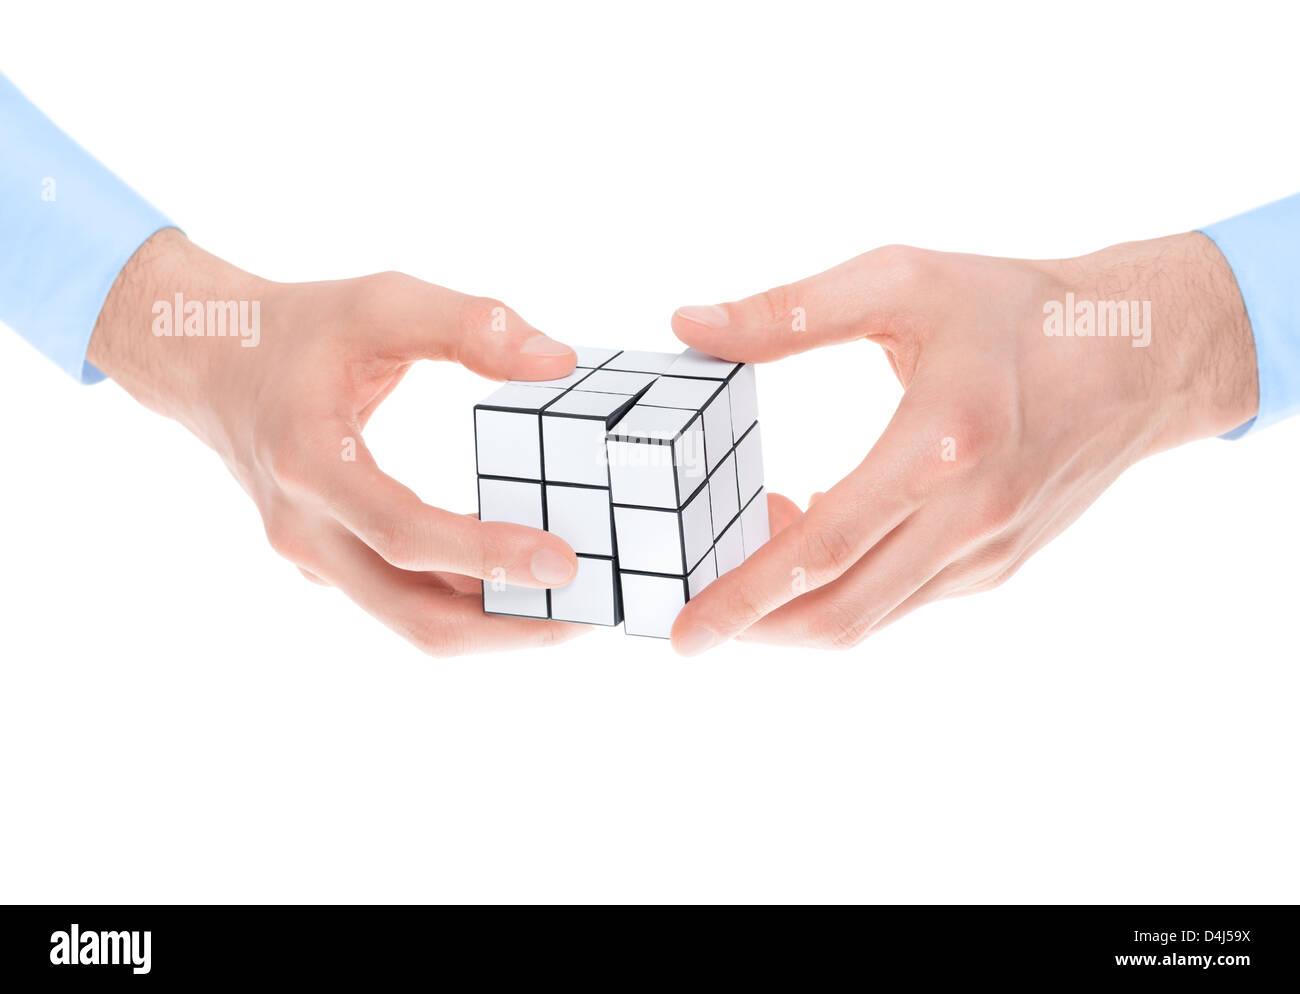 Chemise homme mains dans la résolution d'un puzzle twist blanc vierge. Isolé sur blanc. Photo Stock